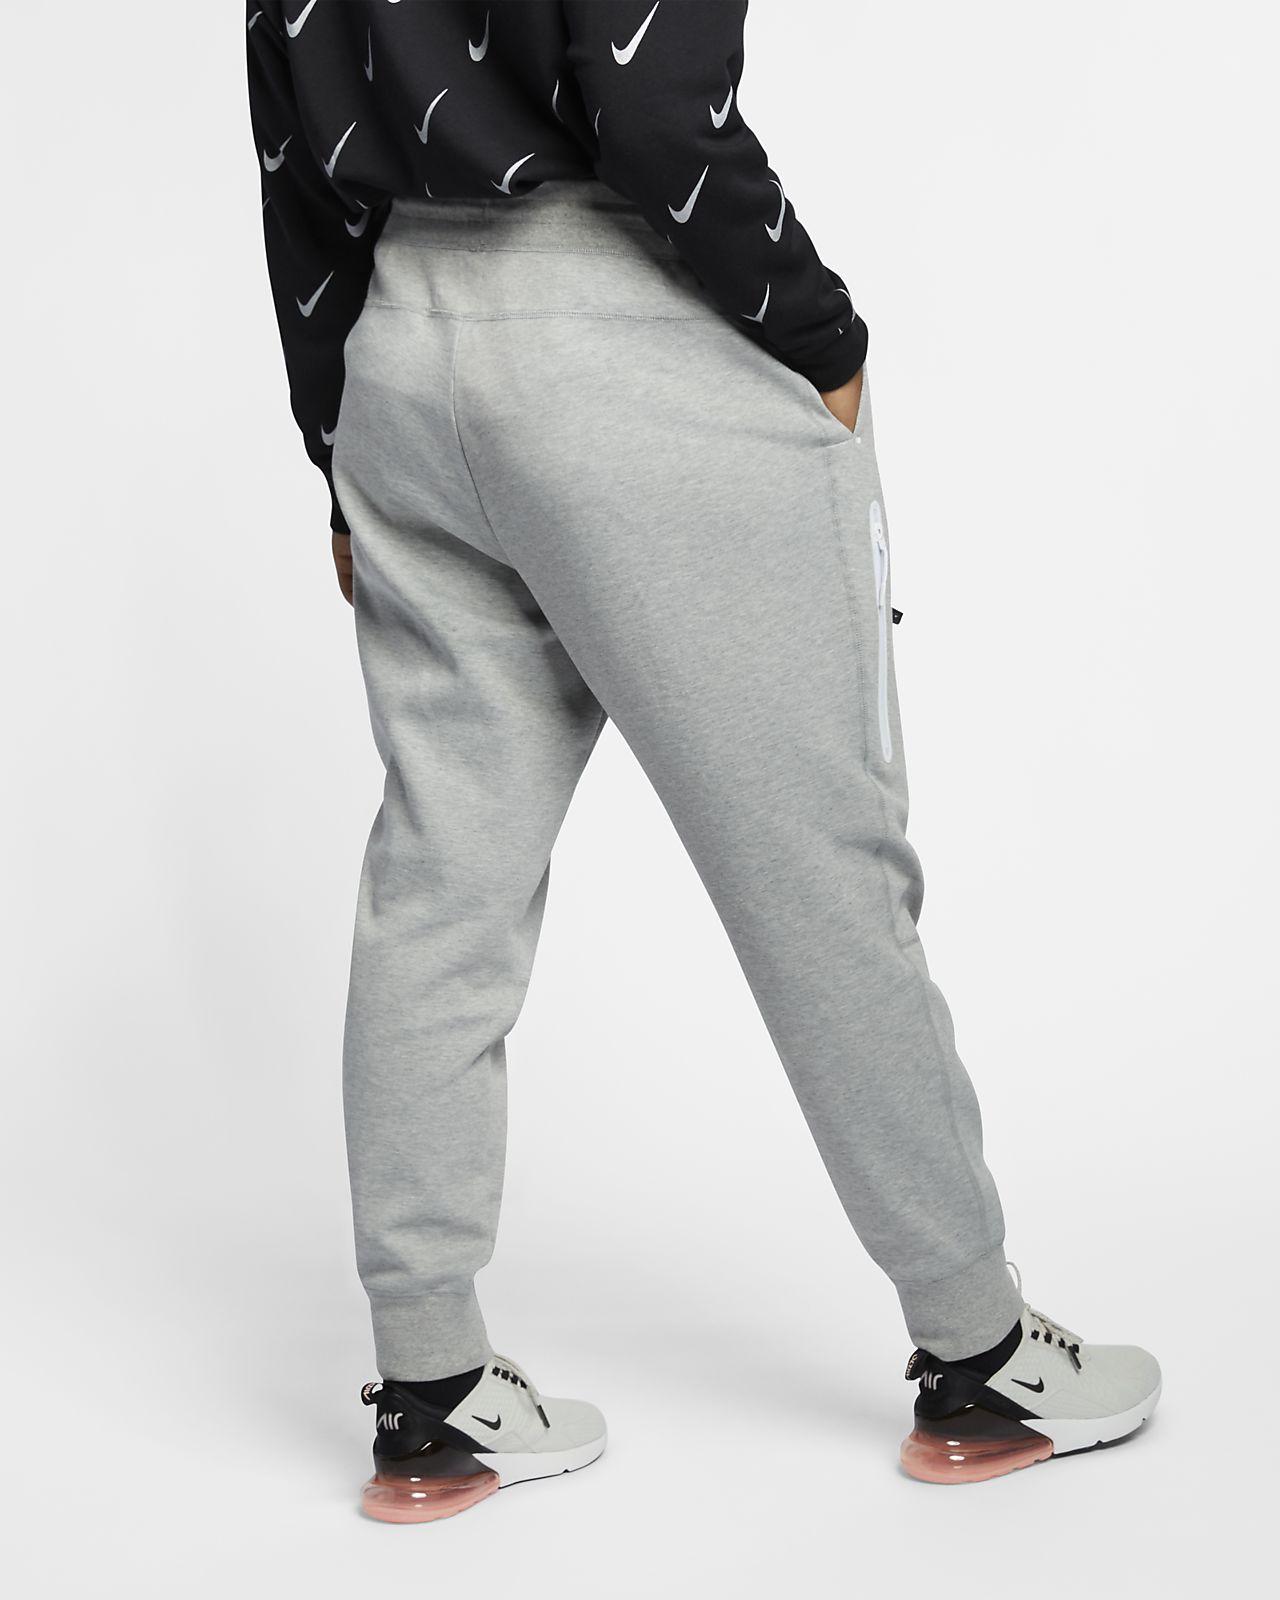 2X NIKE Sportswear Womens Plus Fleece Club Pants Black//Black//White